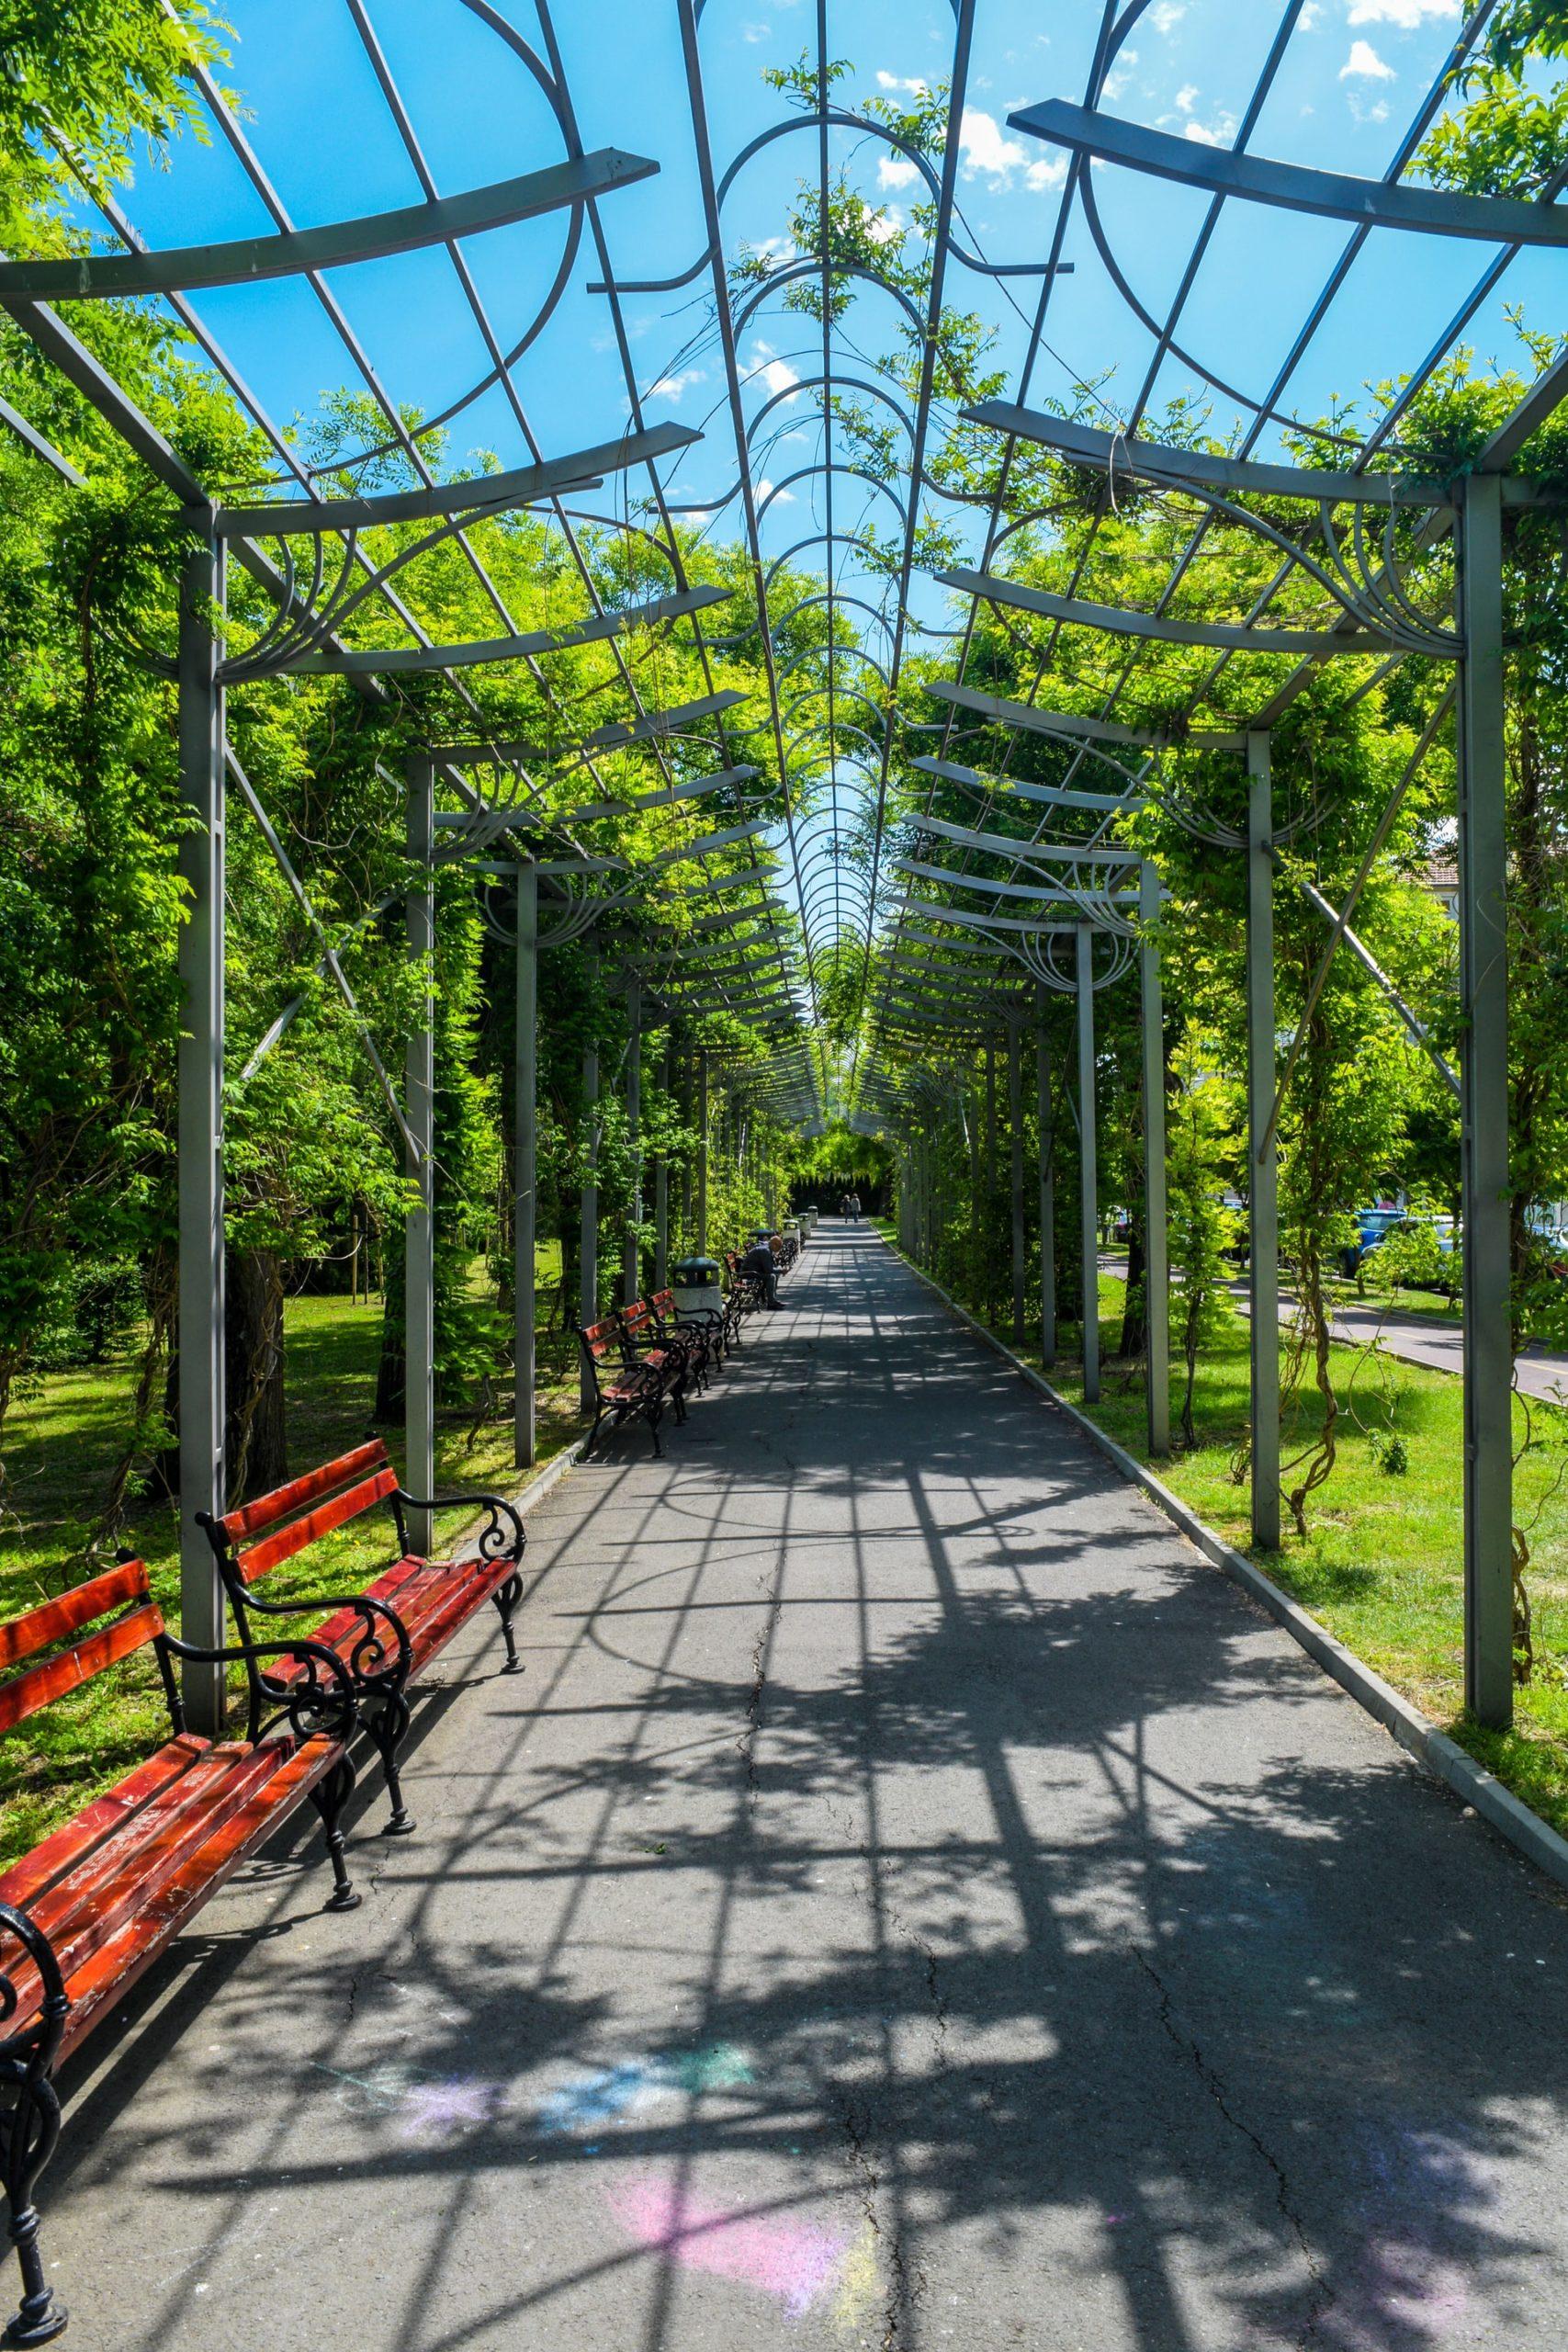 Burgas Park